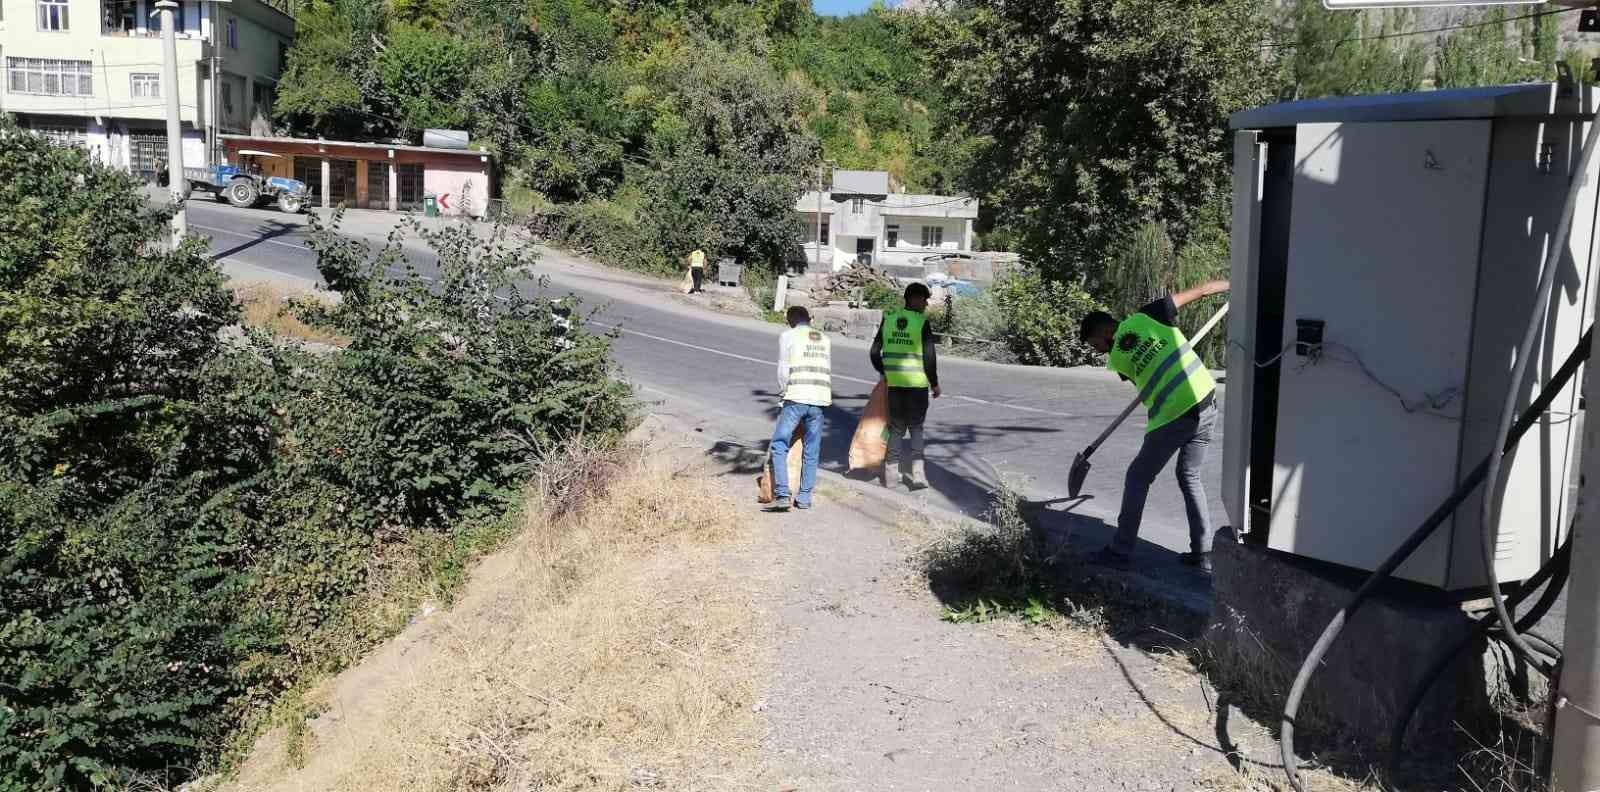 Şenoba belediyesinden sonbahar temizliği